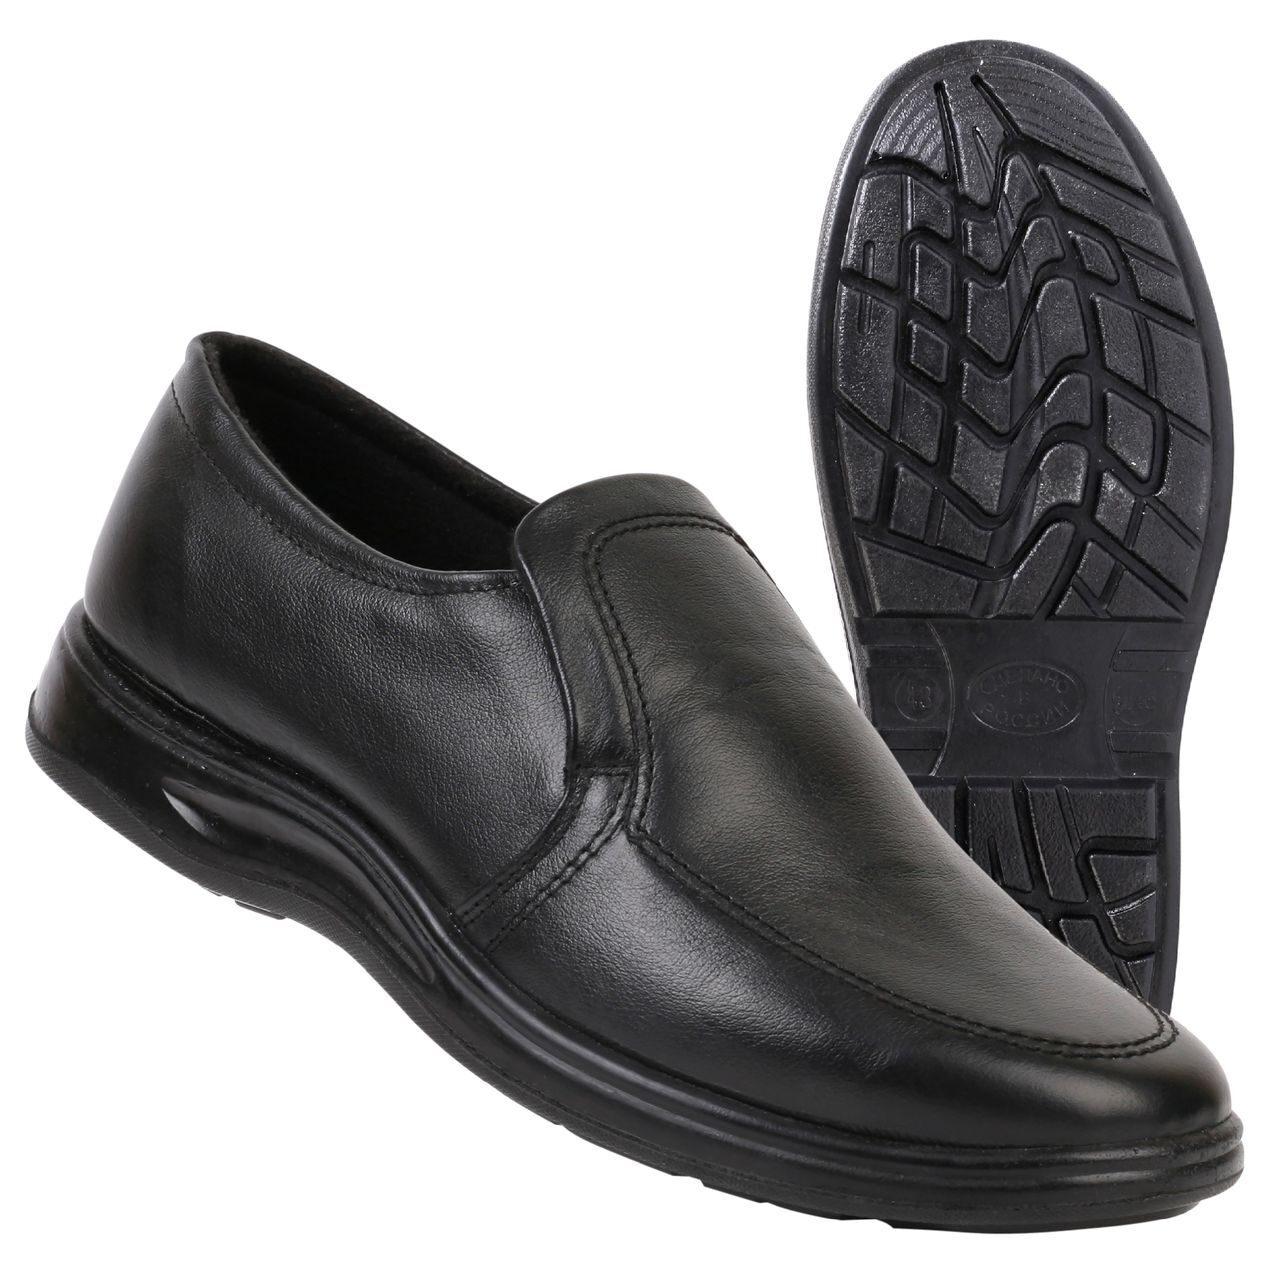 9dd81a808 Туфли мужские на резинке черные иск. кожа купить по выгодным ценам ...